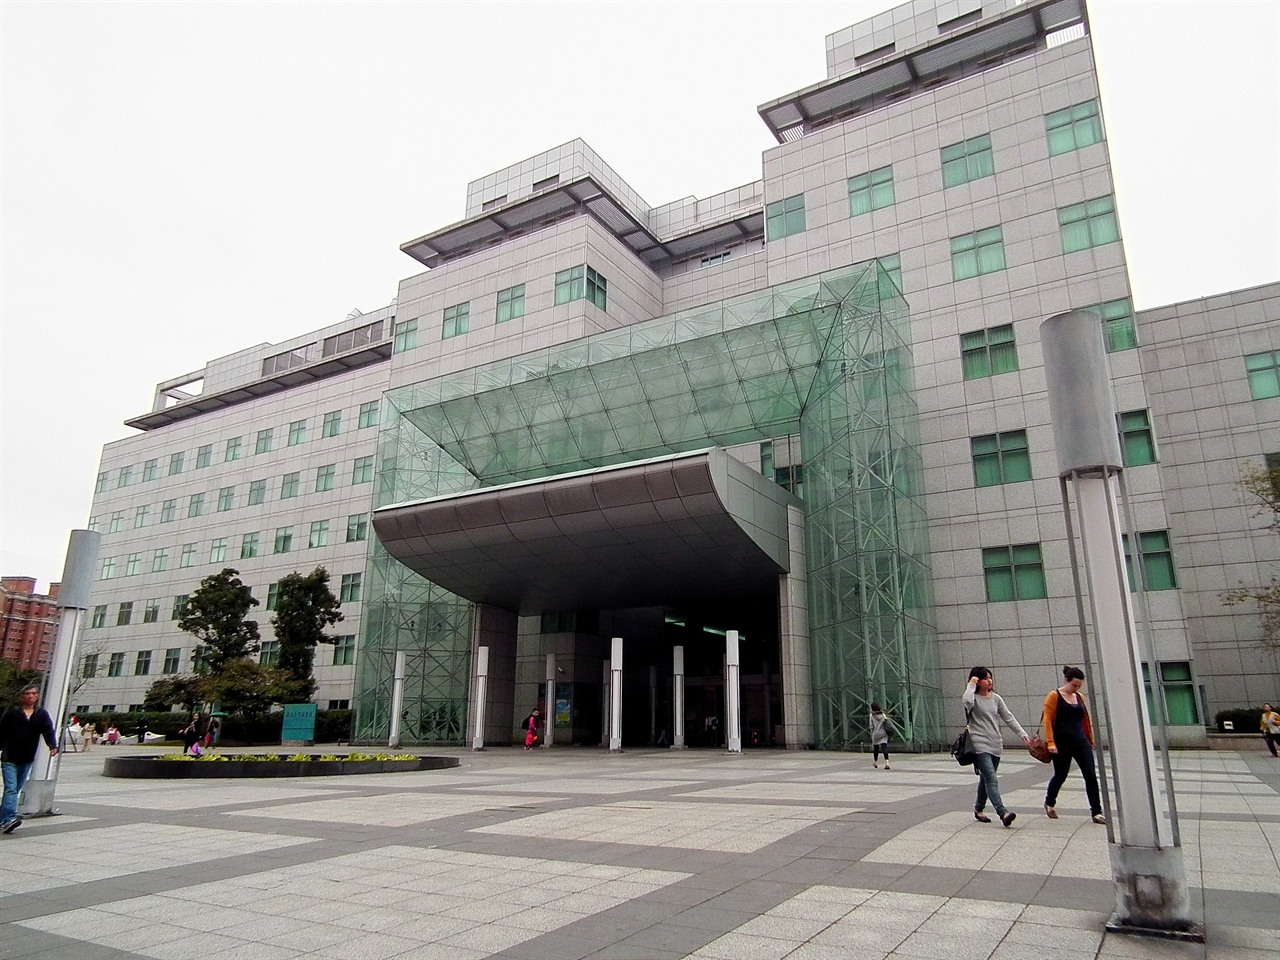 타이완 국가 도서관인 국립타이완도서관(National Taiwan Library) 태평양 전쟁 과정에서 타이완총독부도서관은 미군 폭격으로 도서관 건물이 파괴되기도 했다. 일본 패전 후 타이완총독부도서관과 남방자료관을 합쳐, '타이완성행정장관공서도서관'으로 이름을 바꿨다. 이후 '타이완성 타이페이 도서관'을 거쳐 1973년 7월 1일 '국립타이완도서관'으로 이름을 바꿨다. 청나라 시대부터 타이완에 대한 방대한 문서 자료를 보유하고 있다.